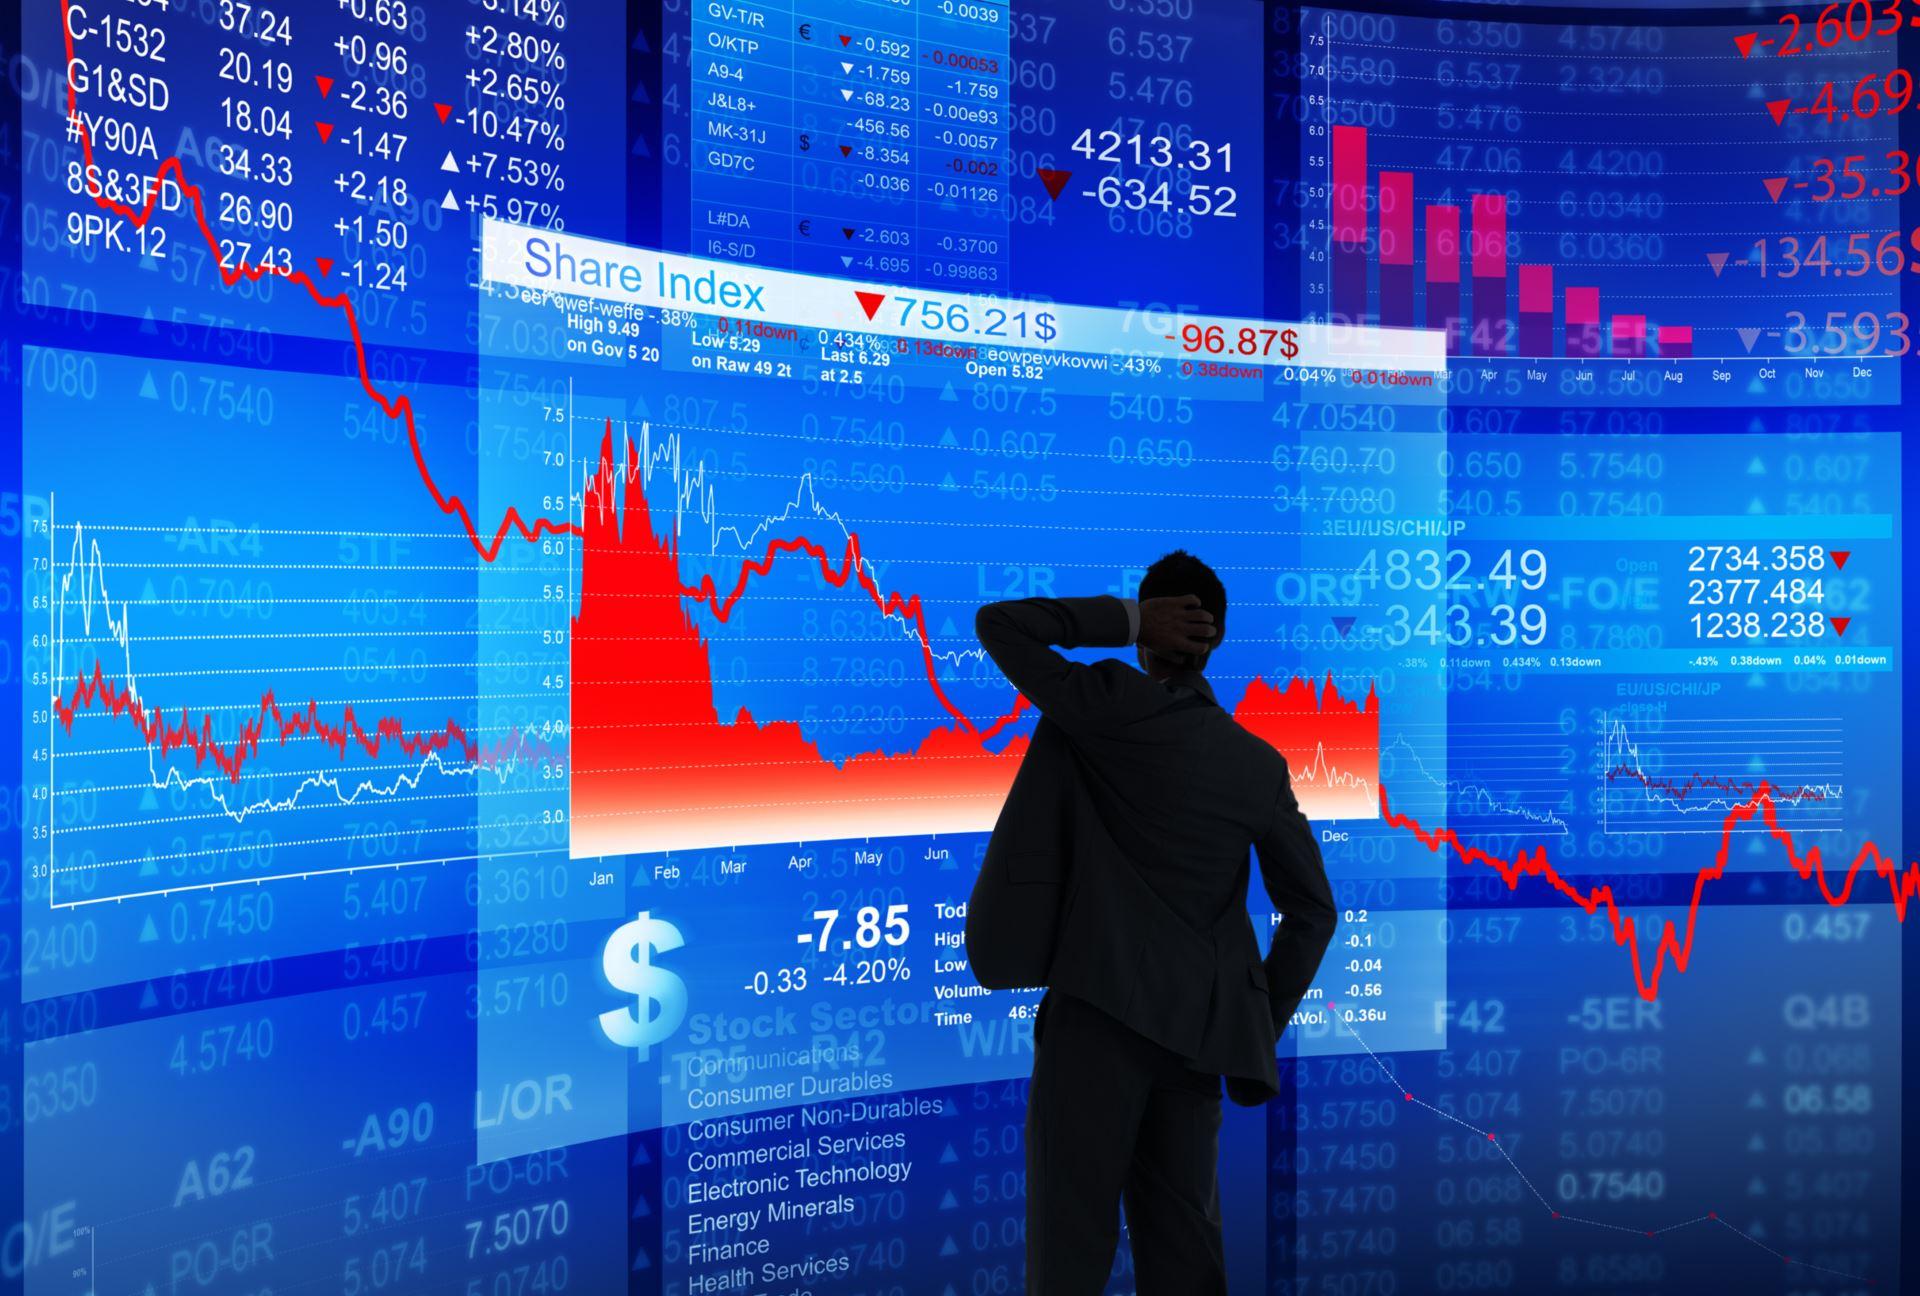 Полезное о бинарных опционах точные точки входа в рынок на бинарных опционах